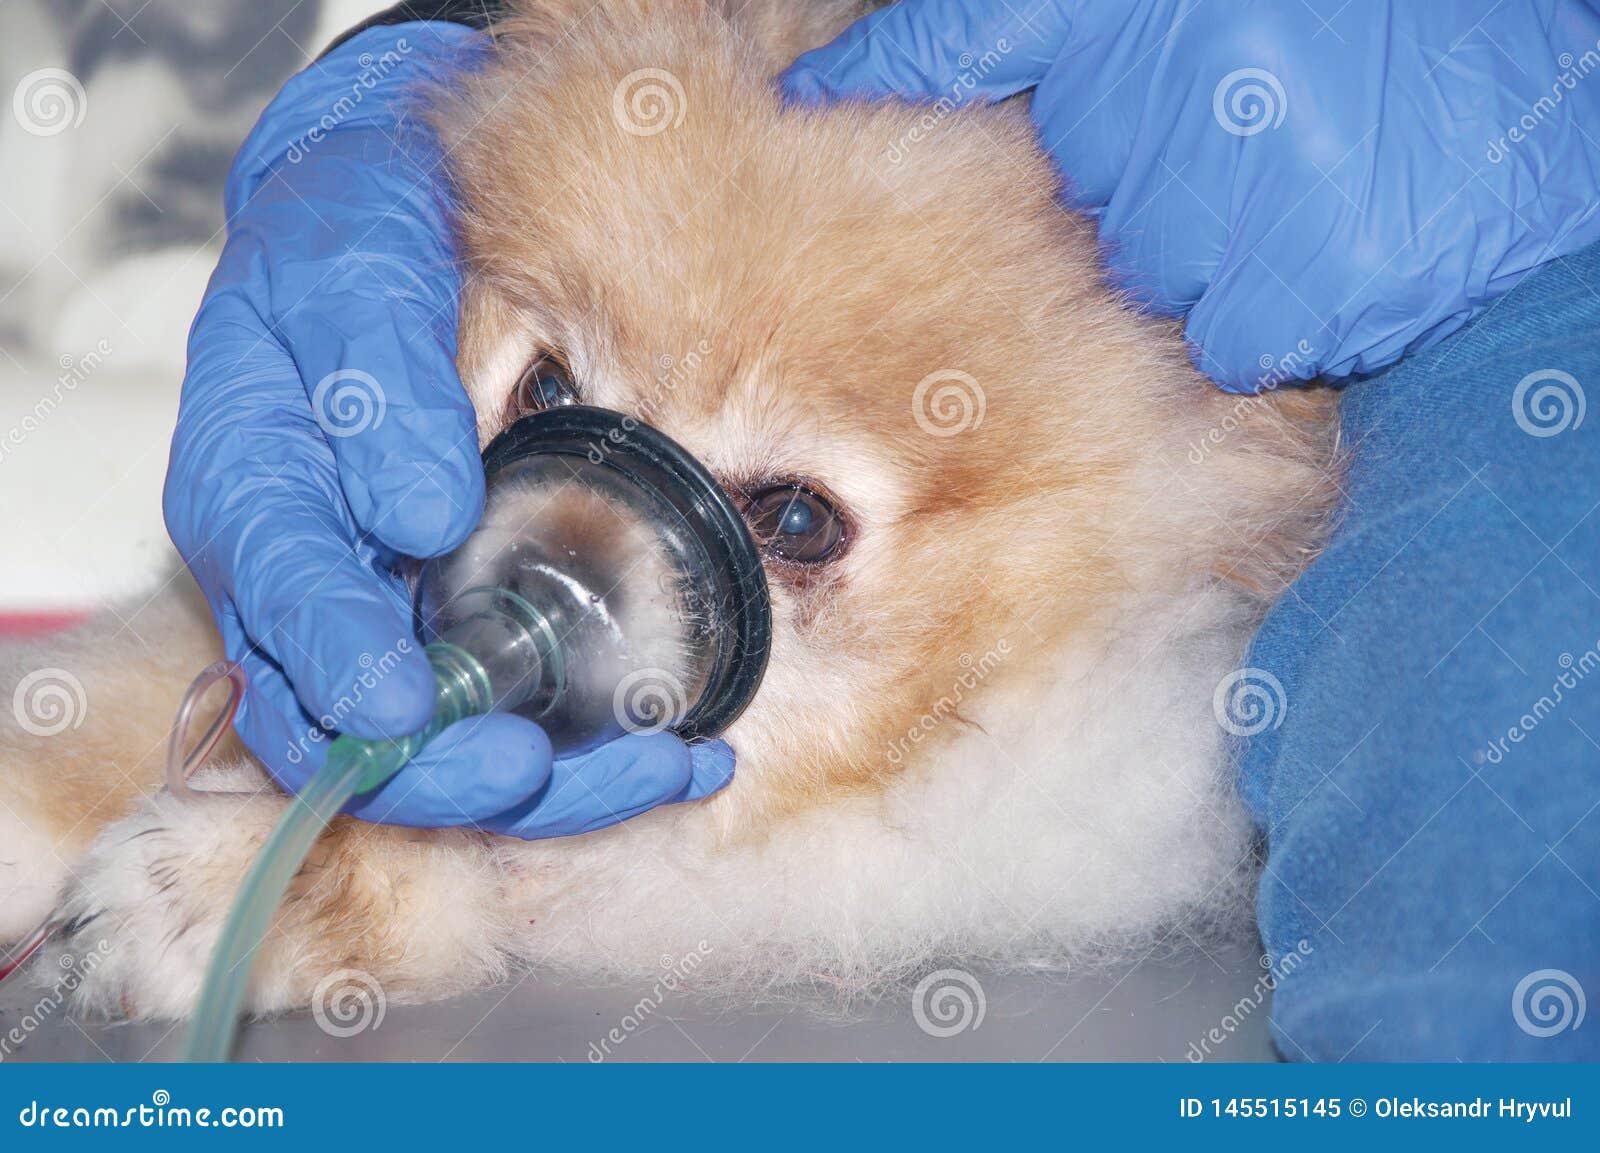 狗通过氧气面罩呼吸